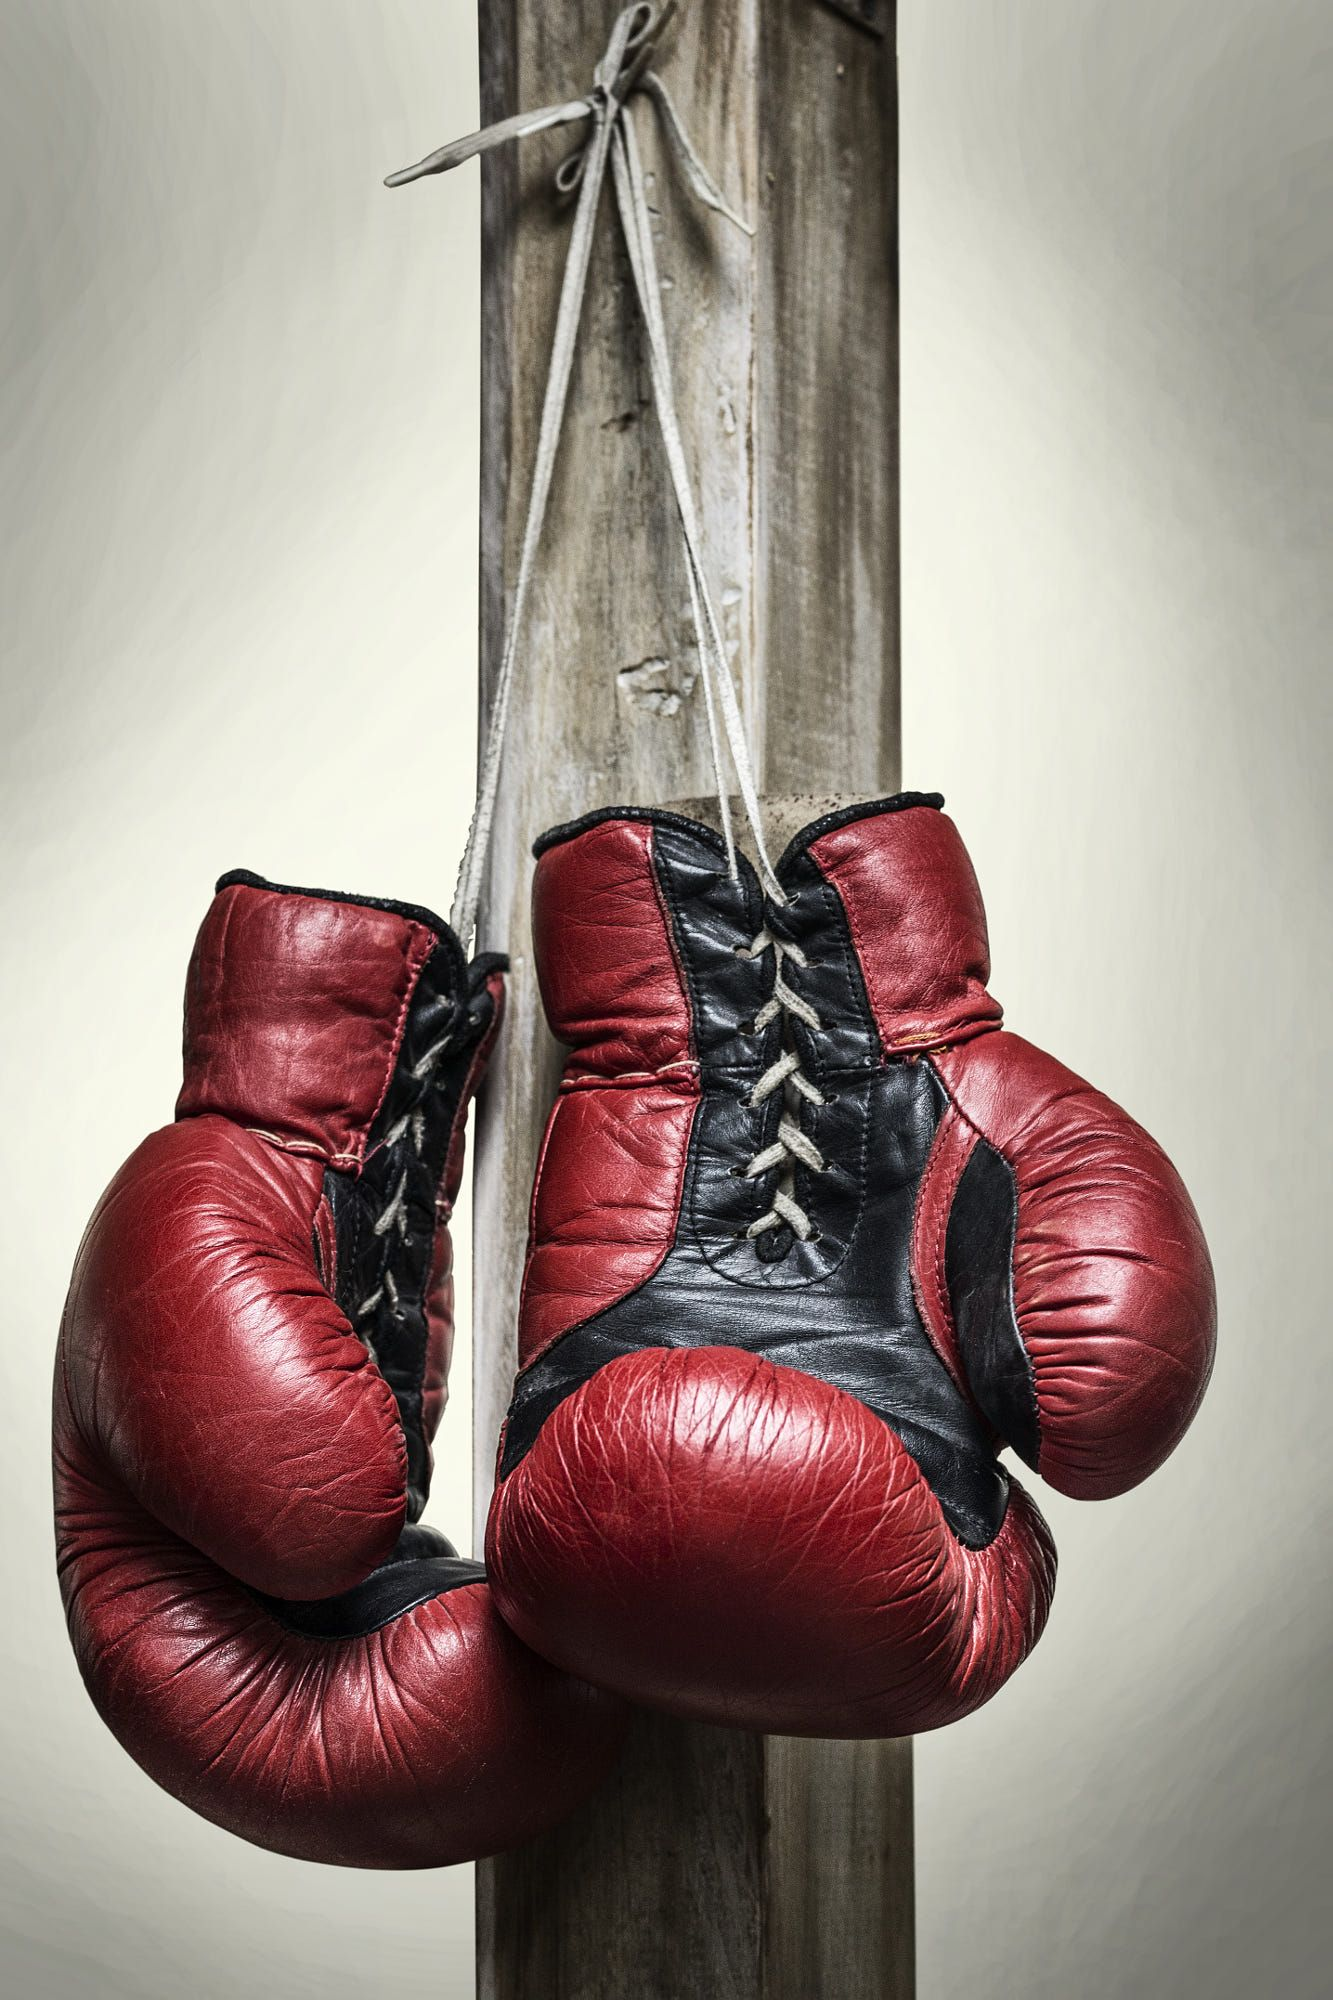 художественная картинка бокс сказала